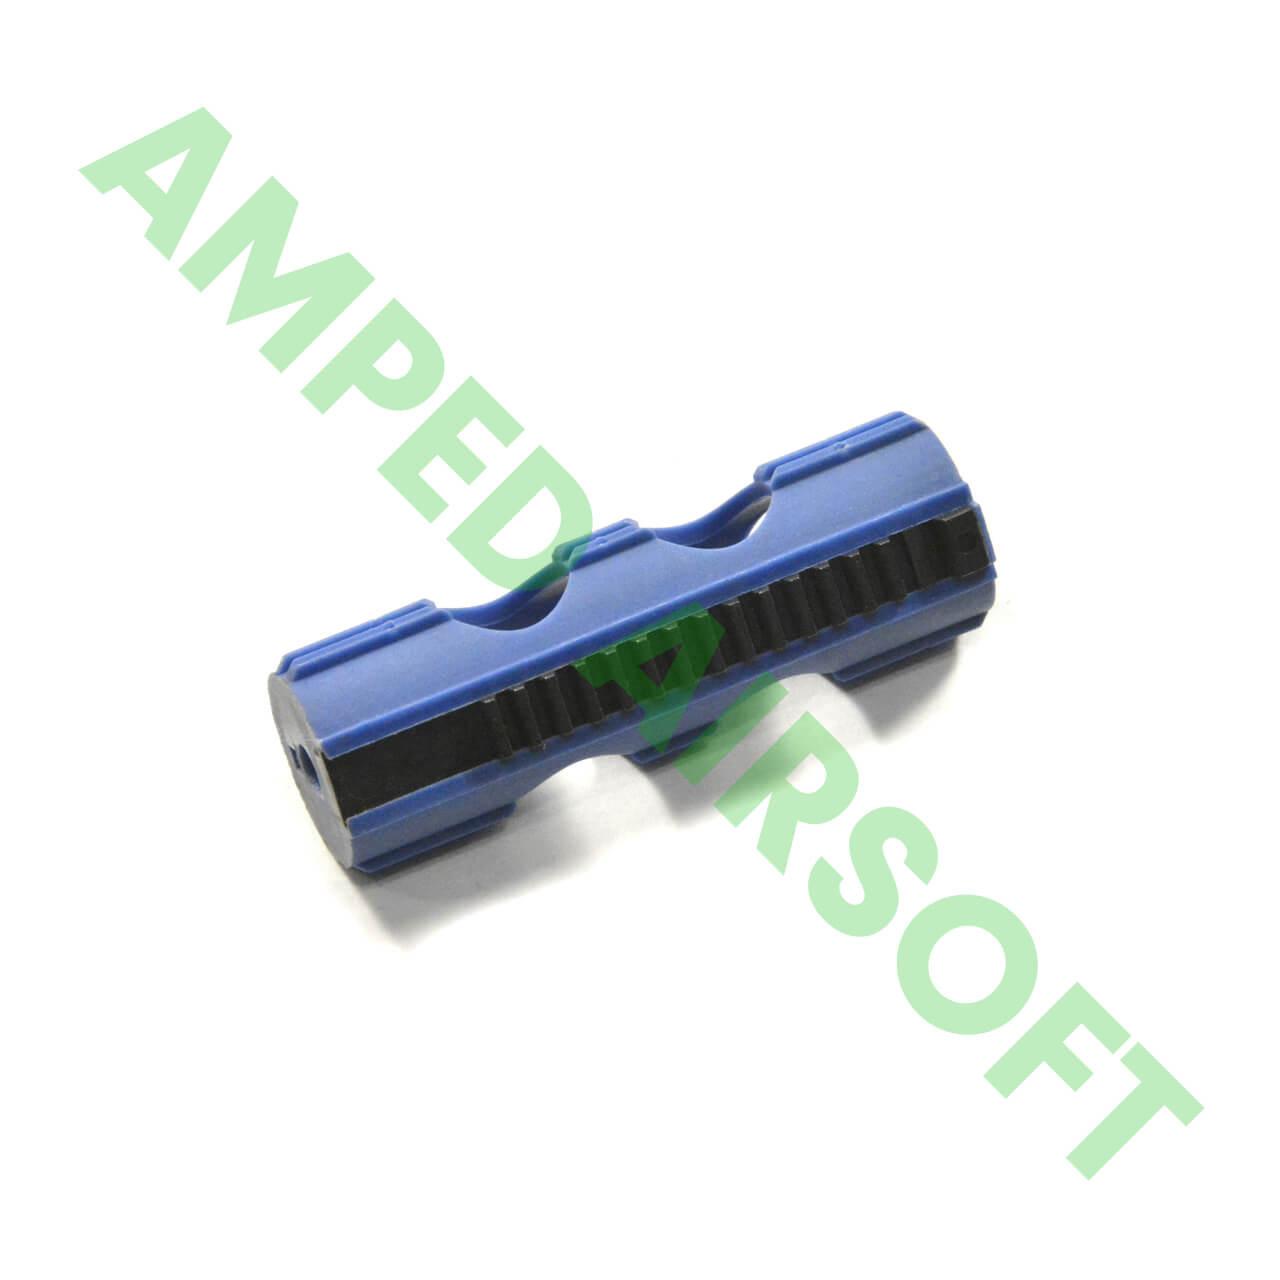 SHS - Lightened Fiber Reinforced Polymer Piston (15 Teeth)